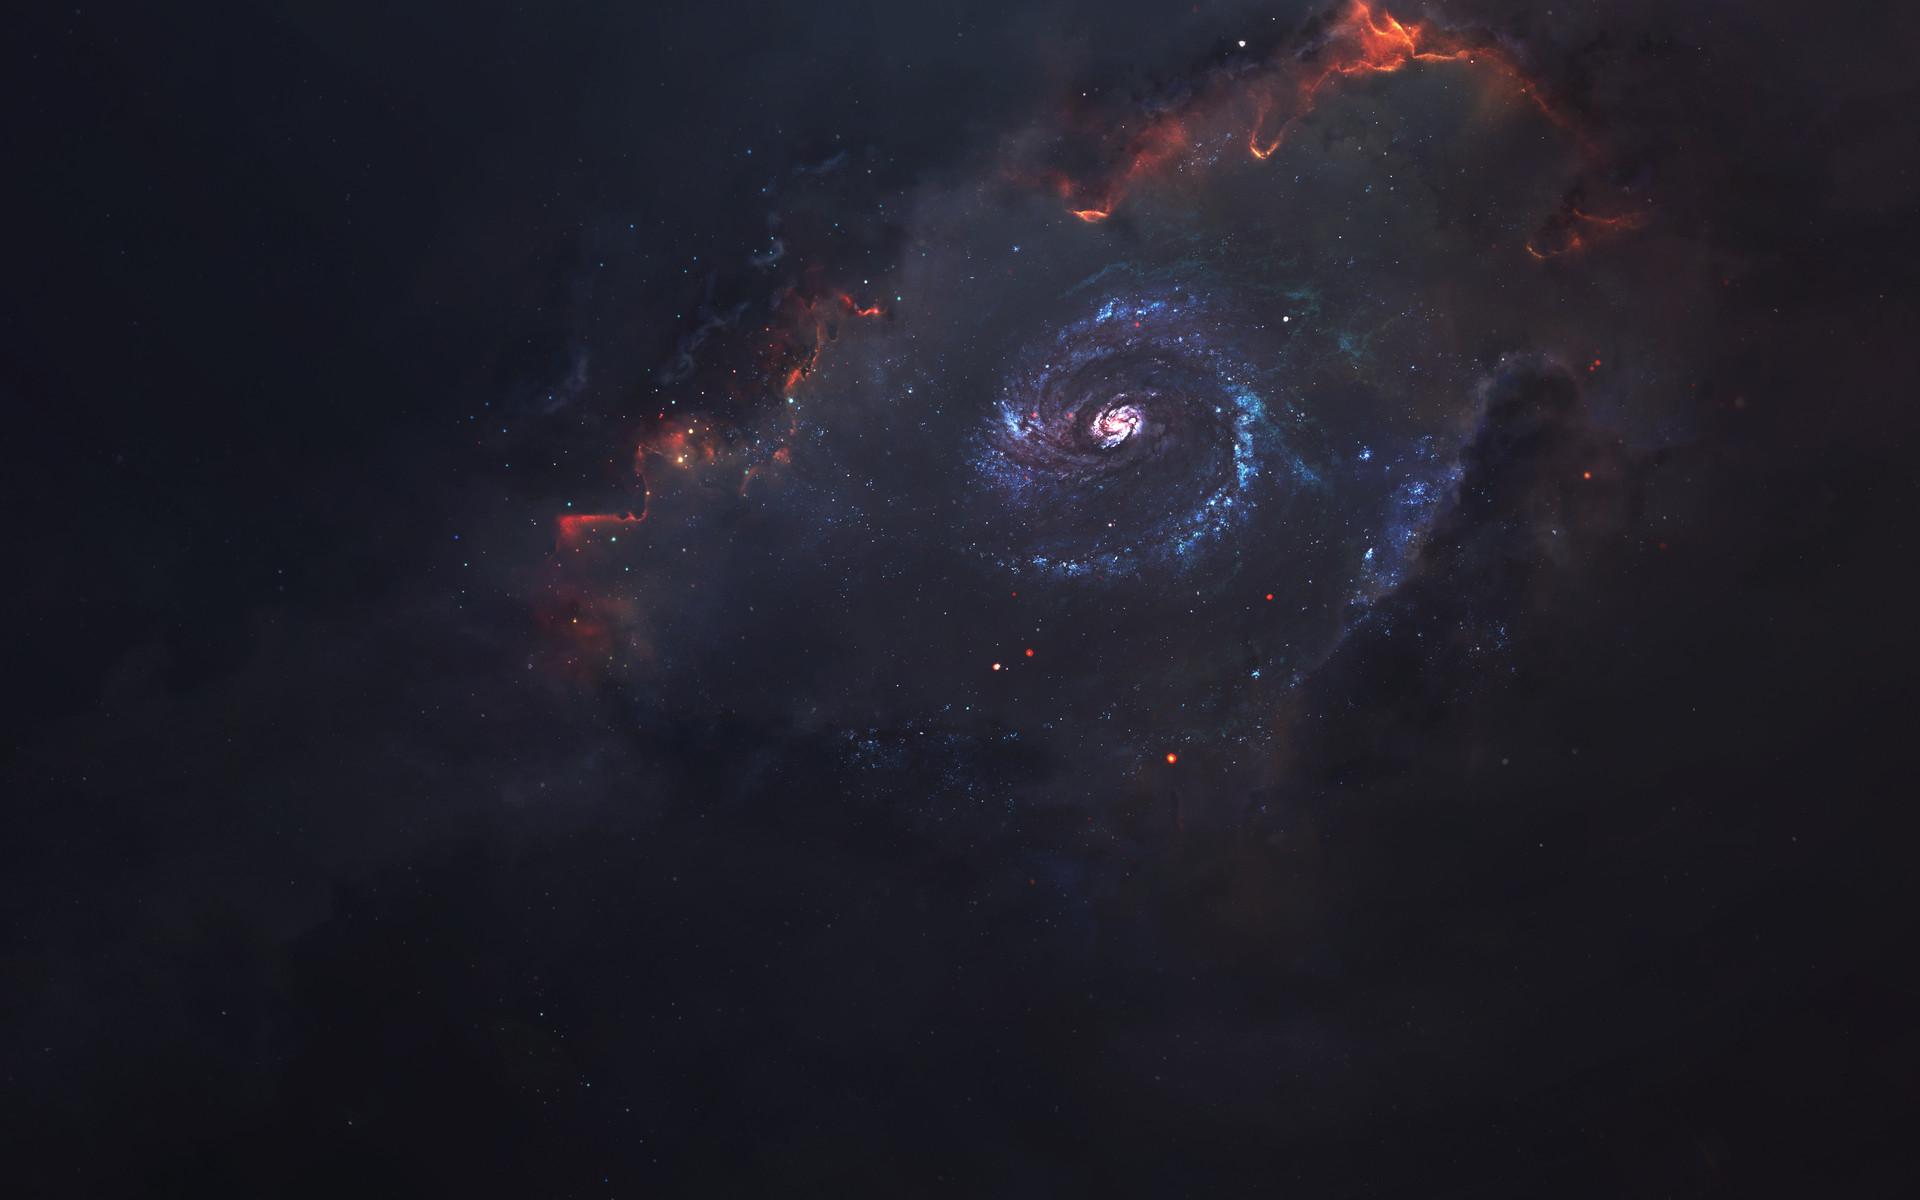 Звёздное небо и космос в картинках - Страница 5 Vadim-sadovski-x11